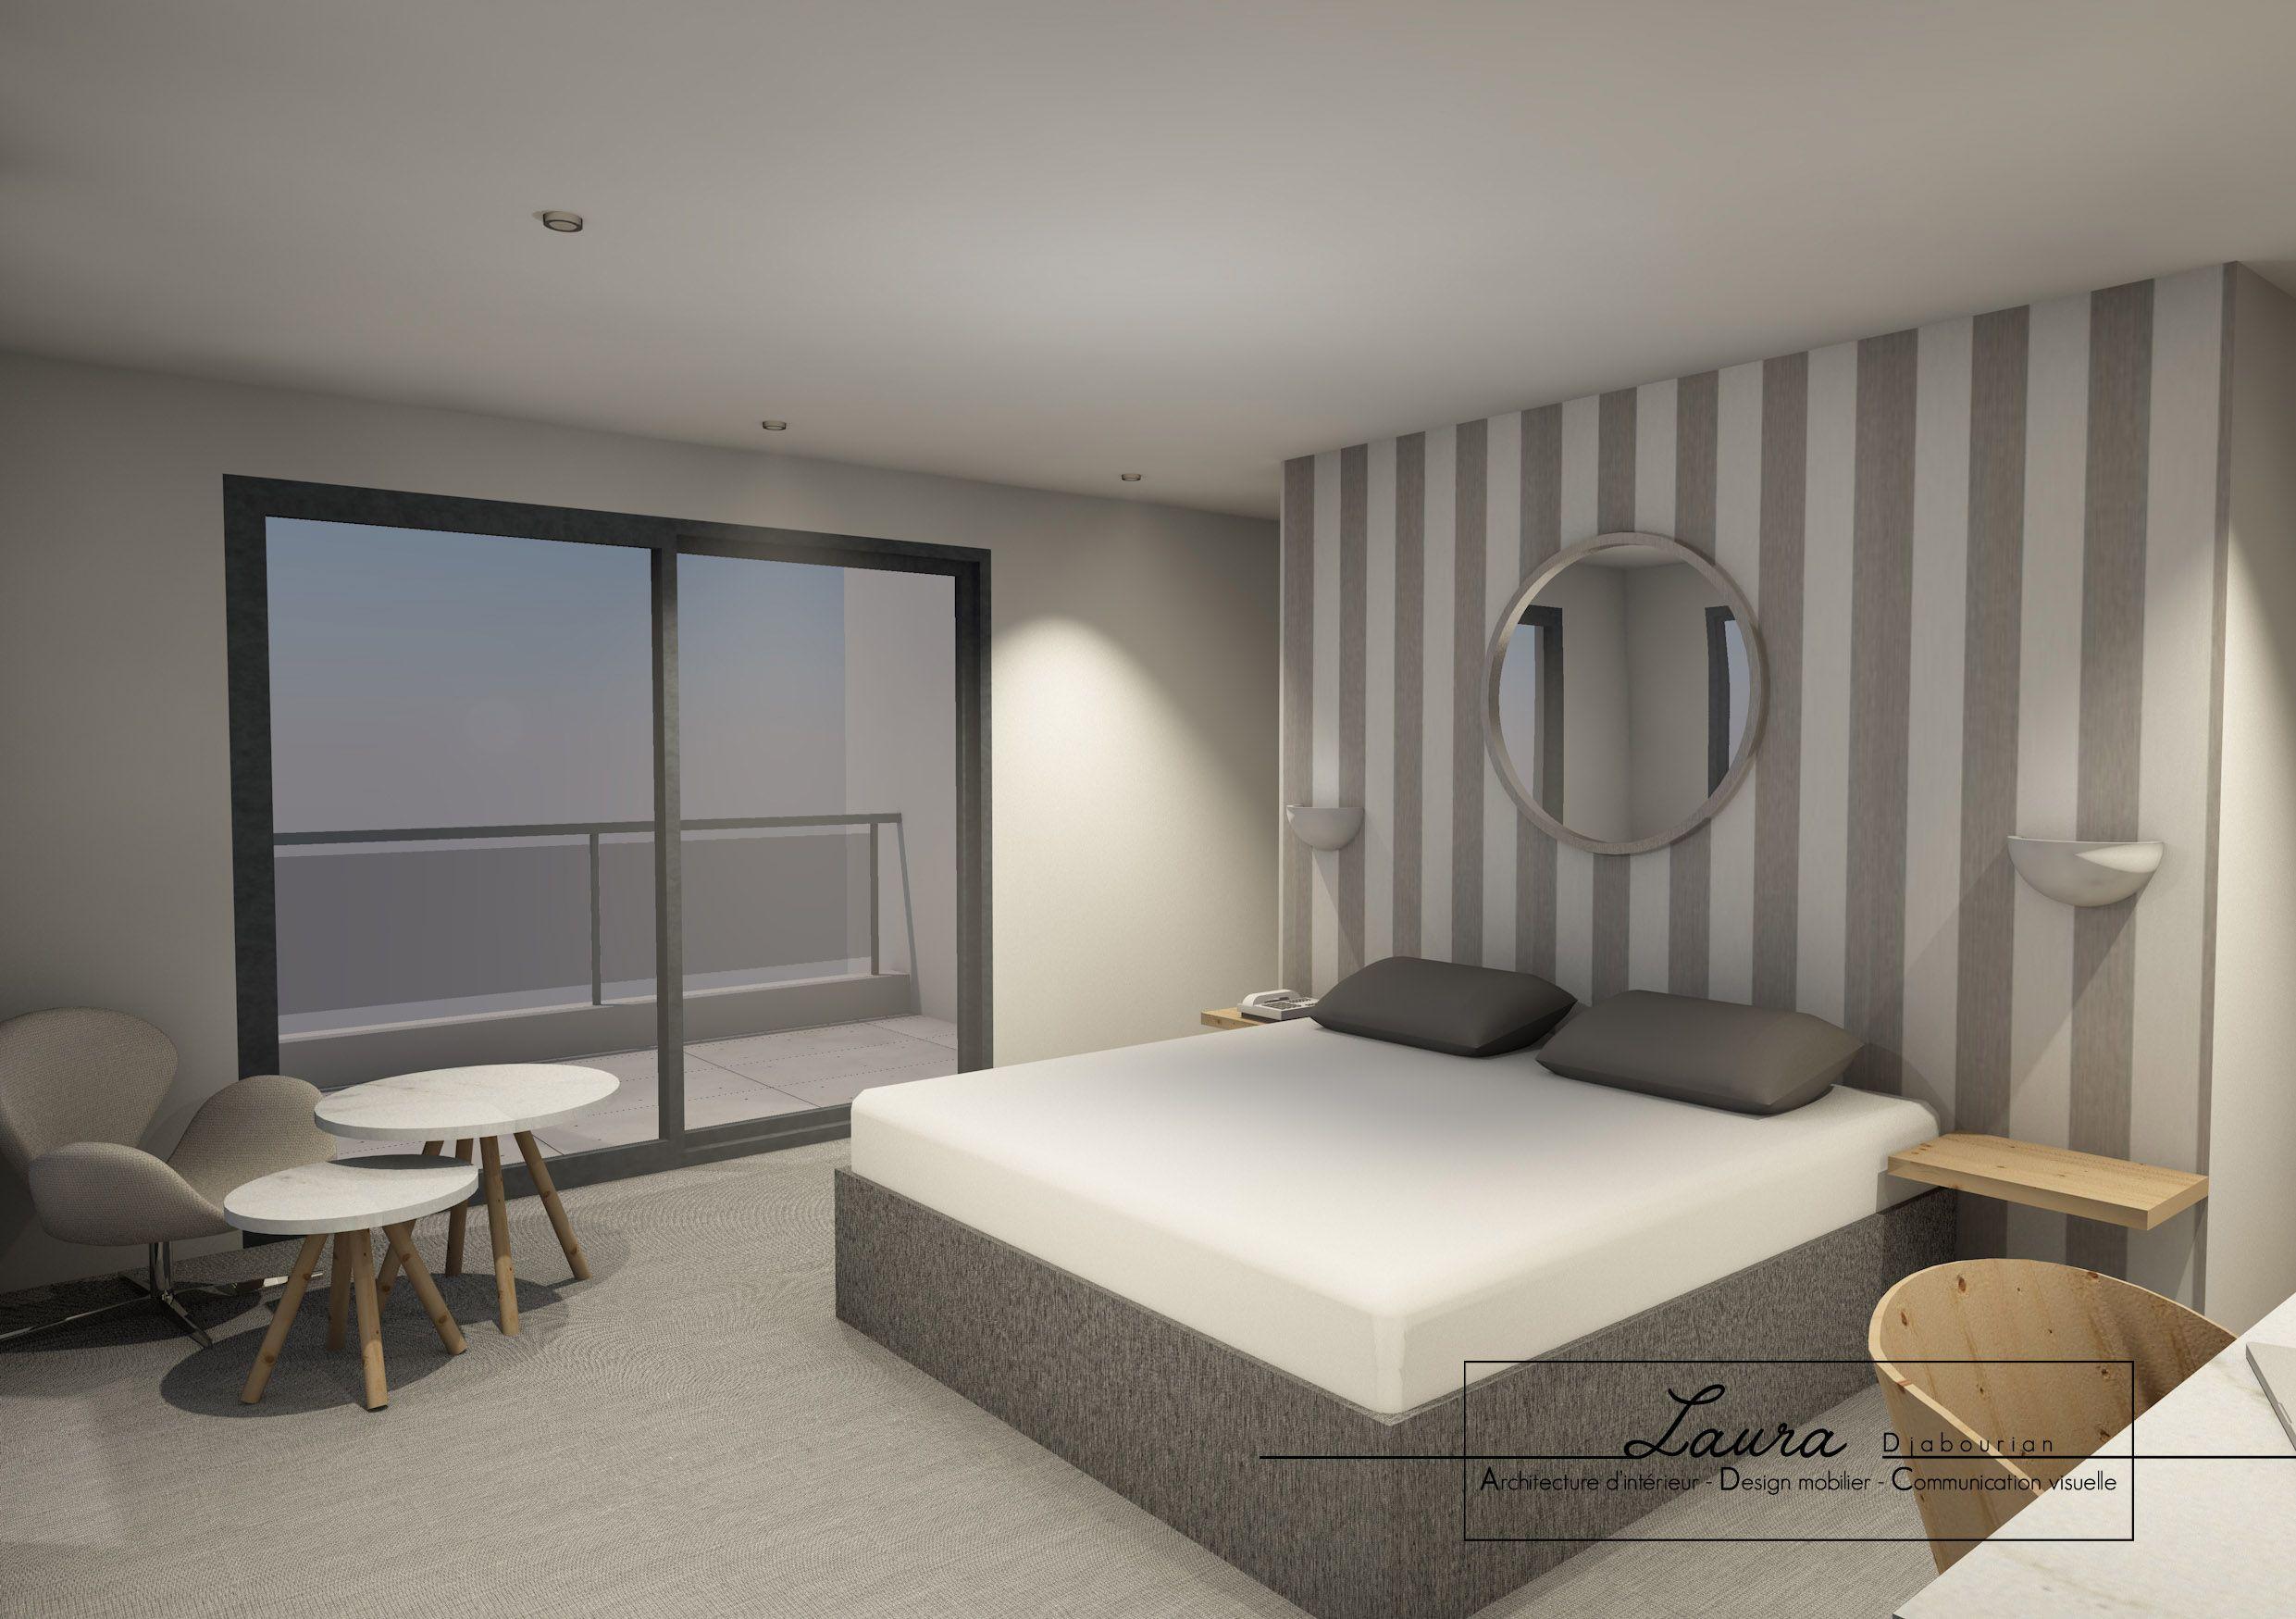 Agencement D Une Suite D Hotel 3d Design Interiordesign Hotel Deco Interiordesign Chambre Bedroom Home Decor Home Furniture